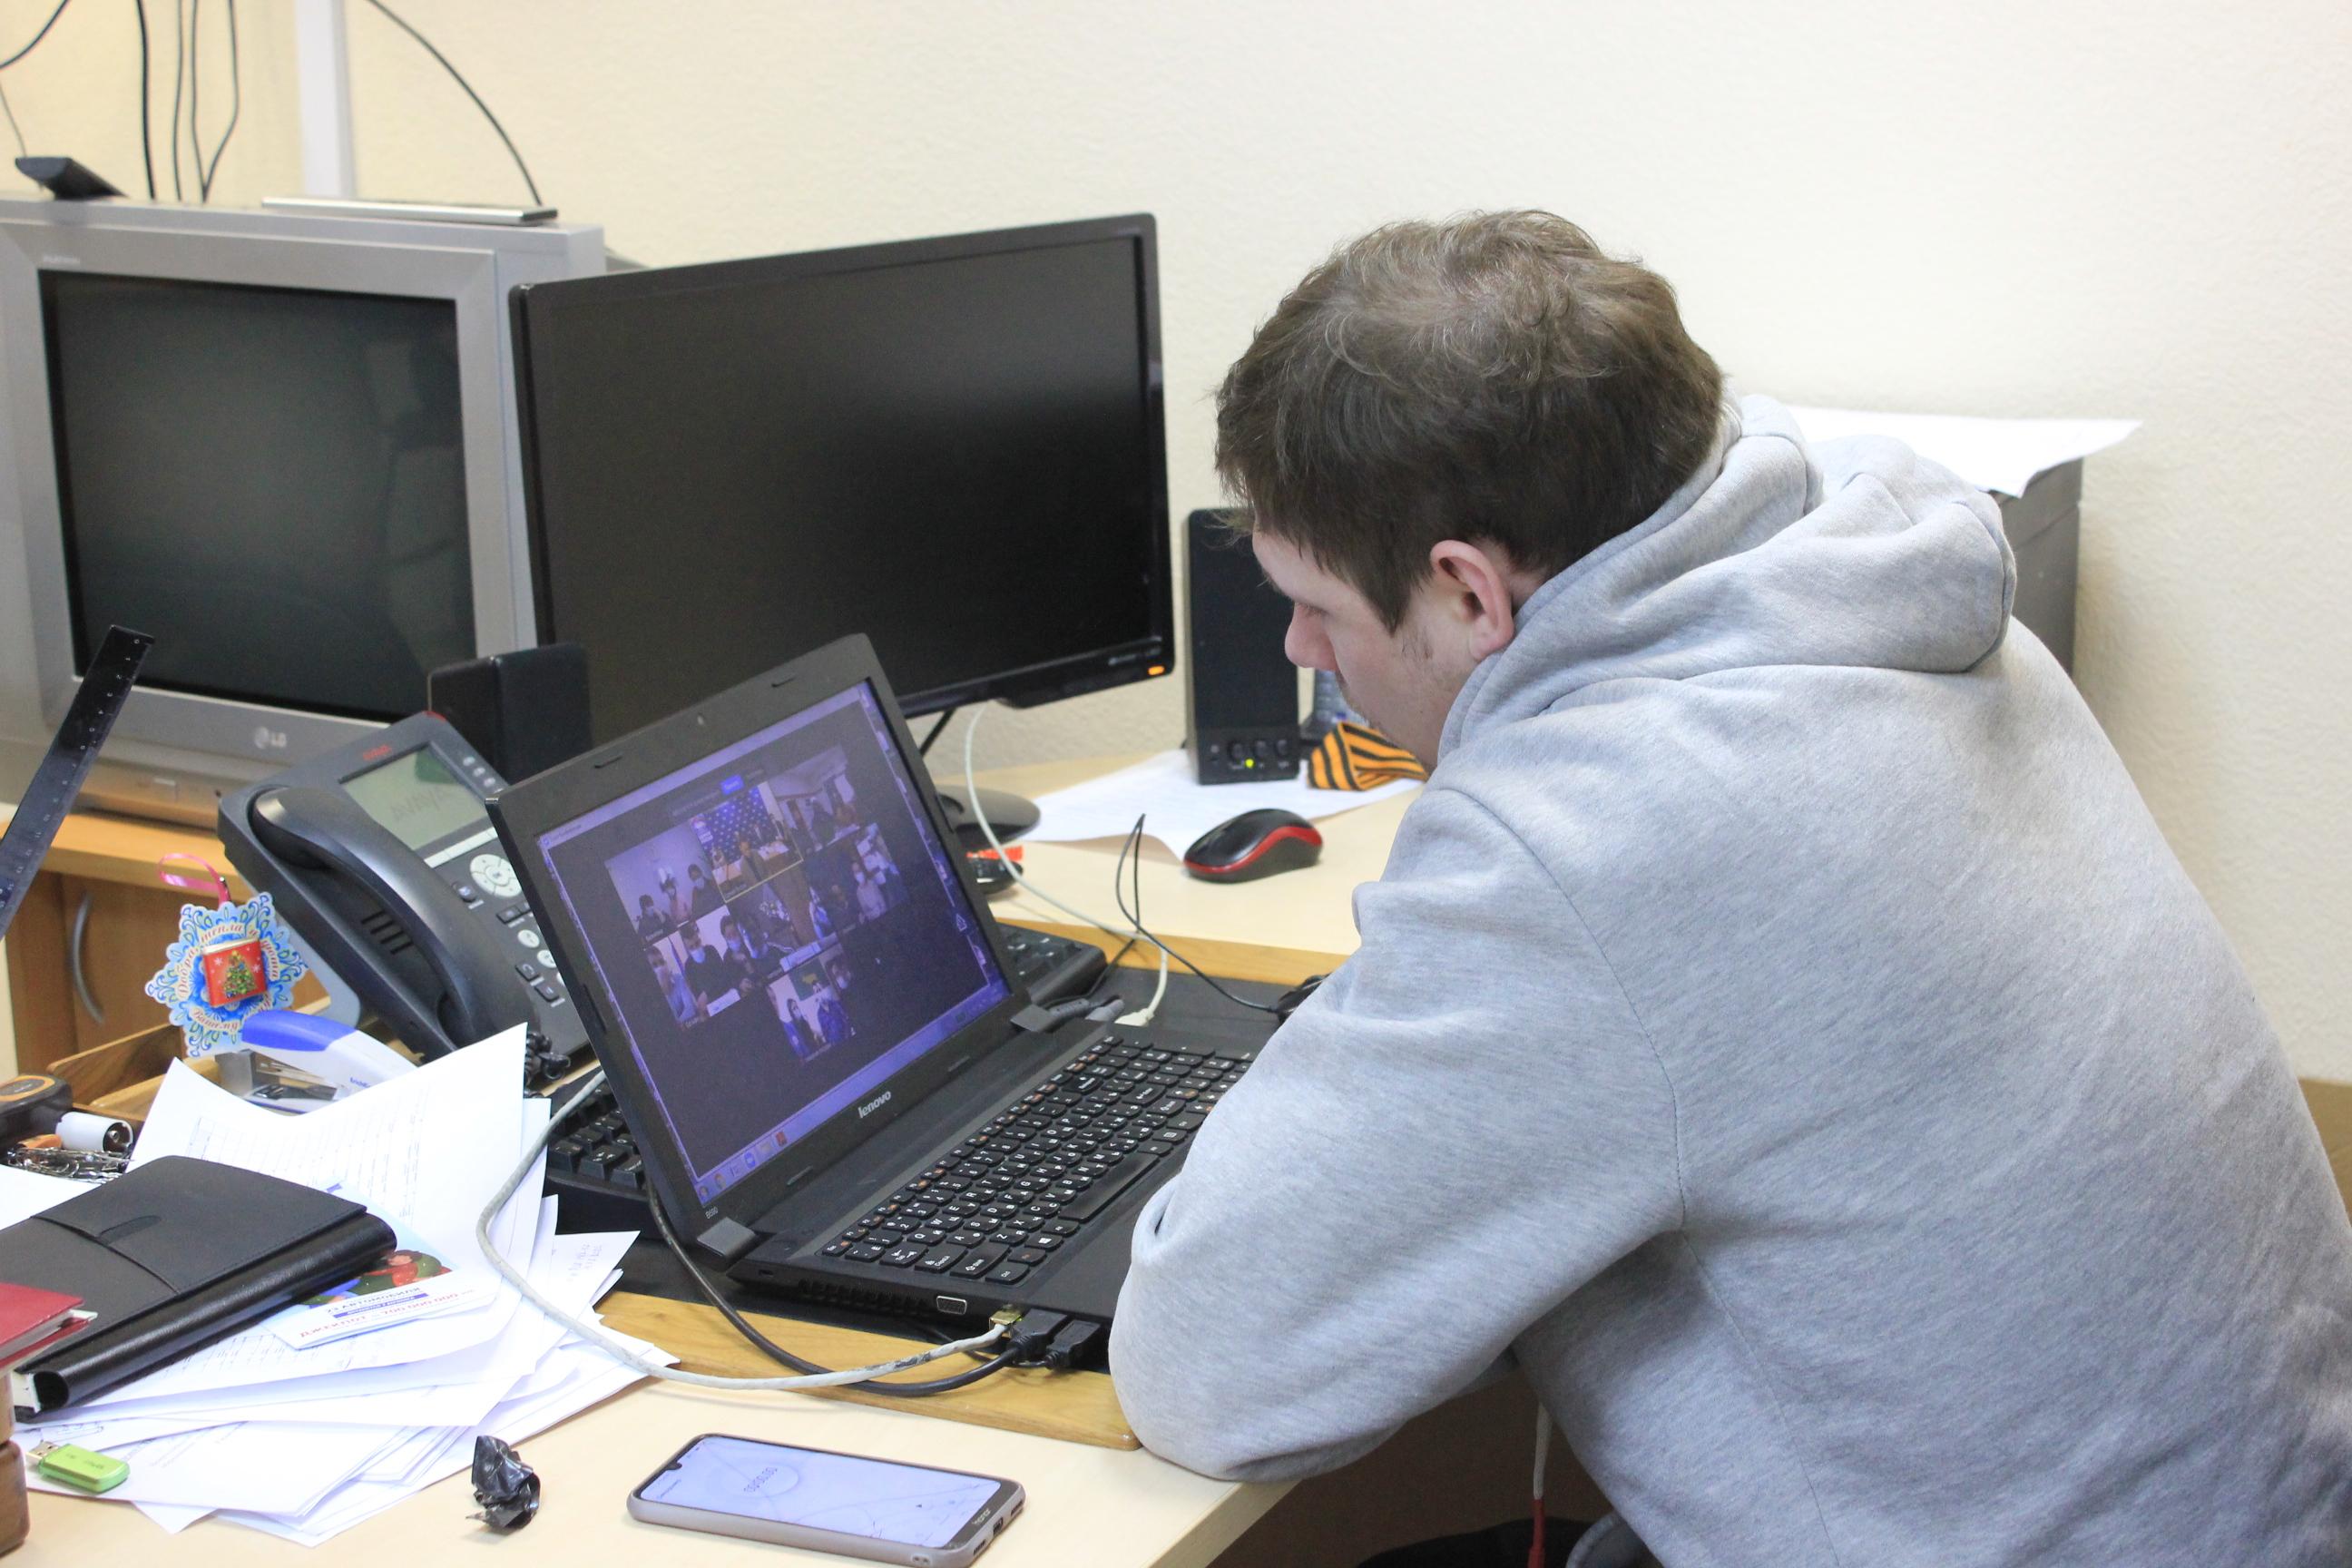 Техническое сопровождение оказывал игре Андрей Безумов